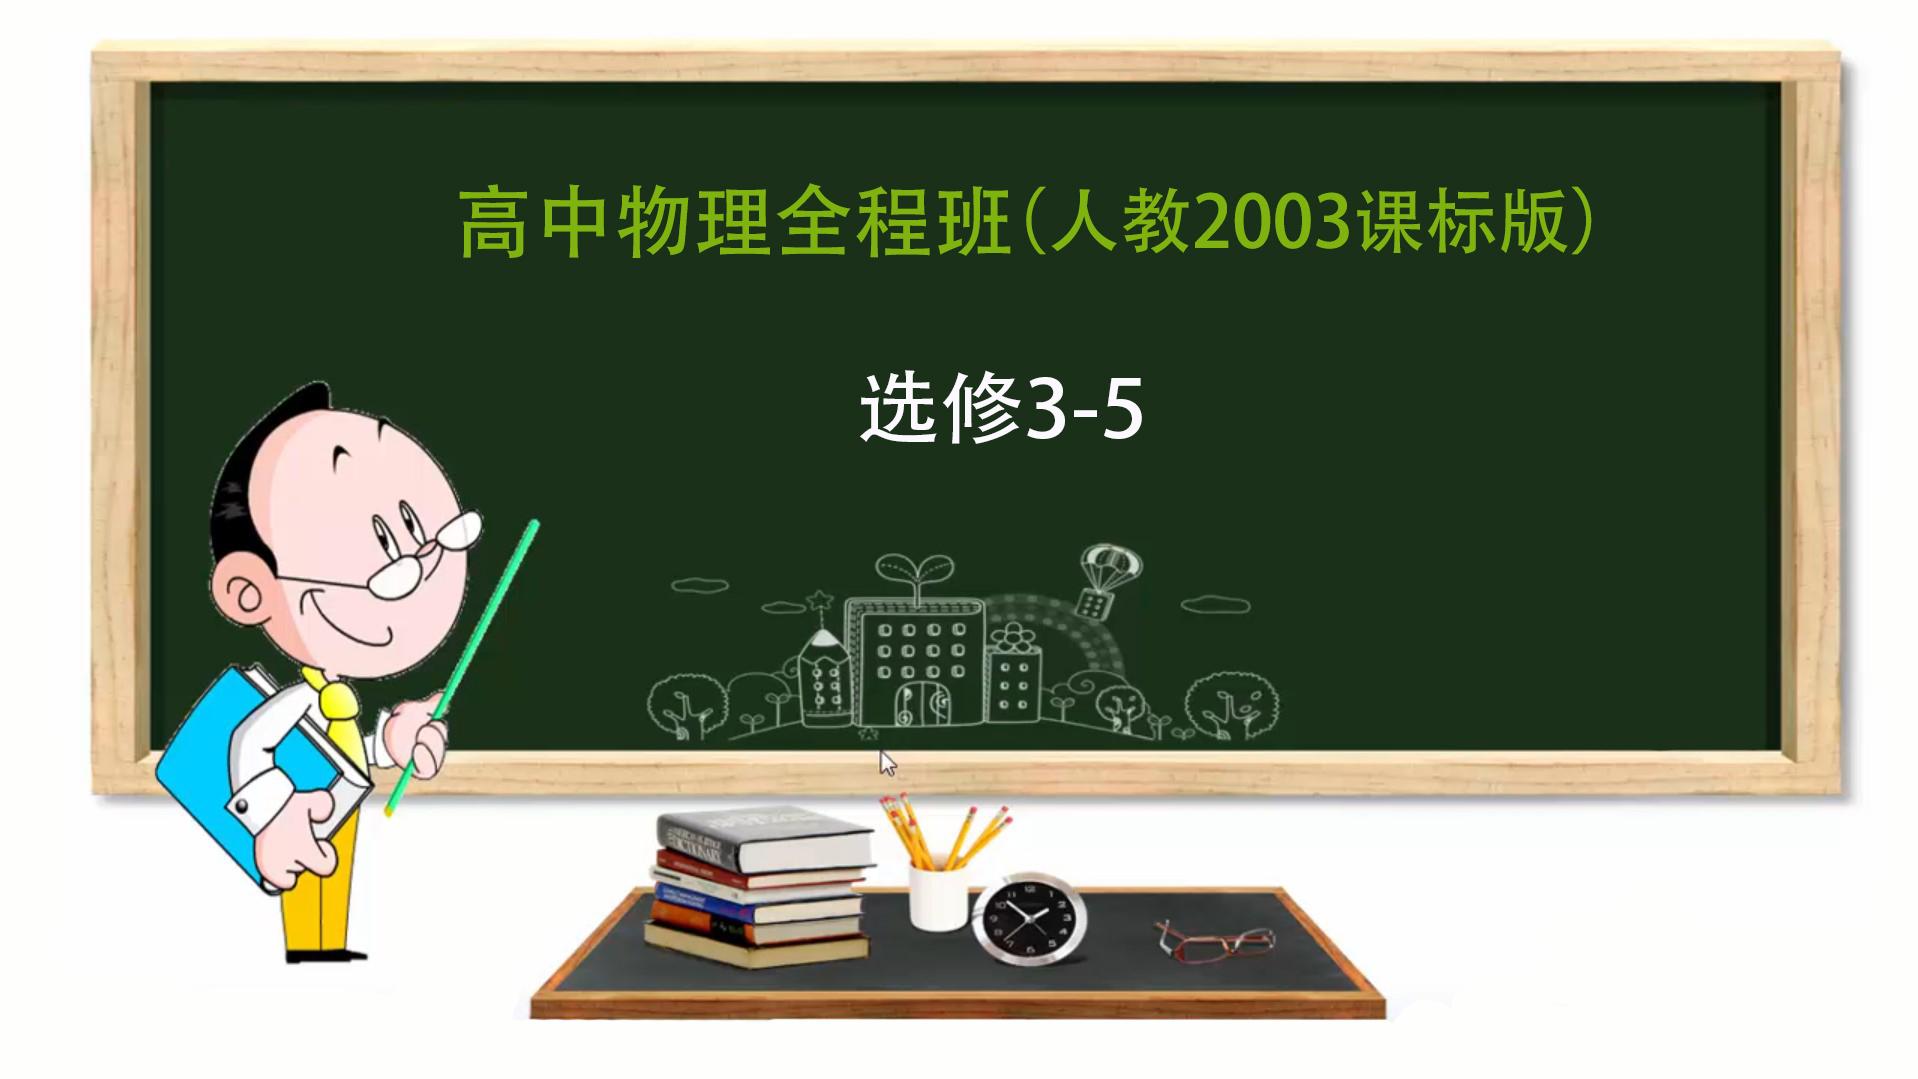 高中物理(人教2003课标版)选修3-5全程班